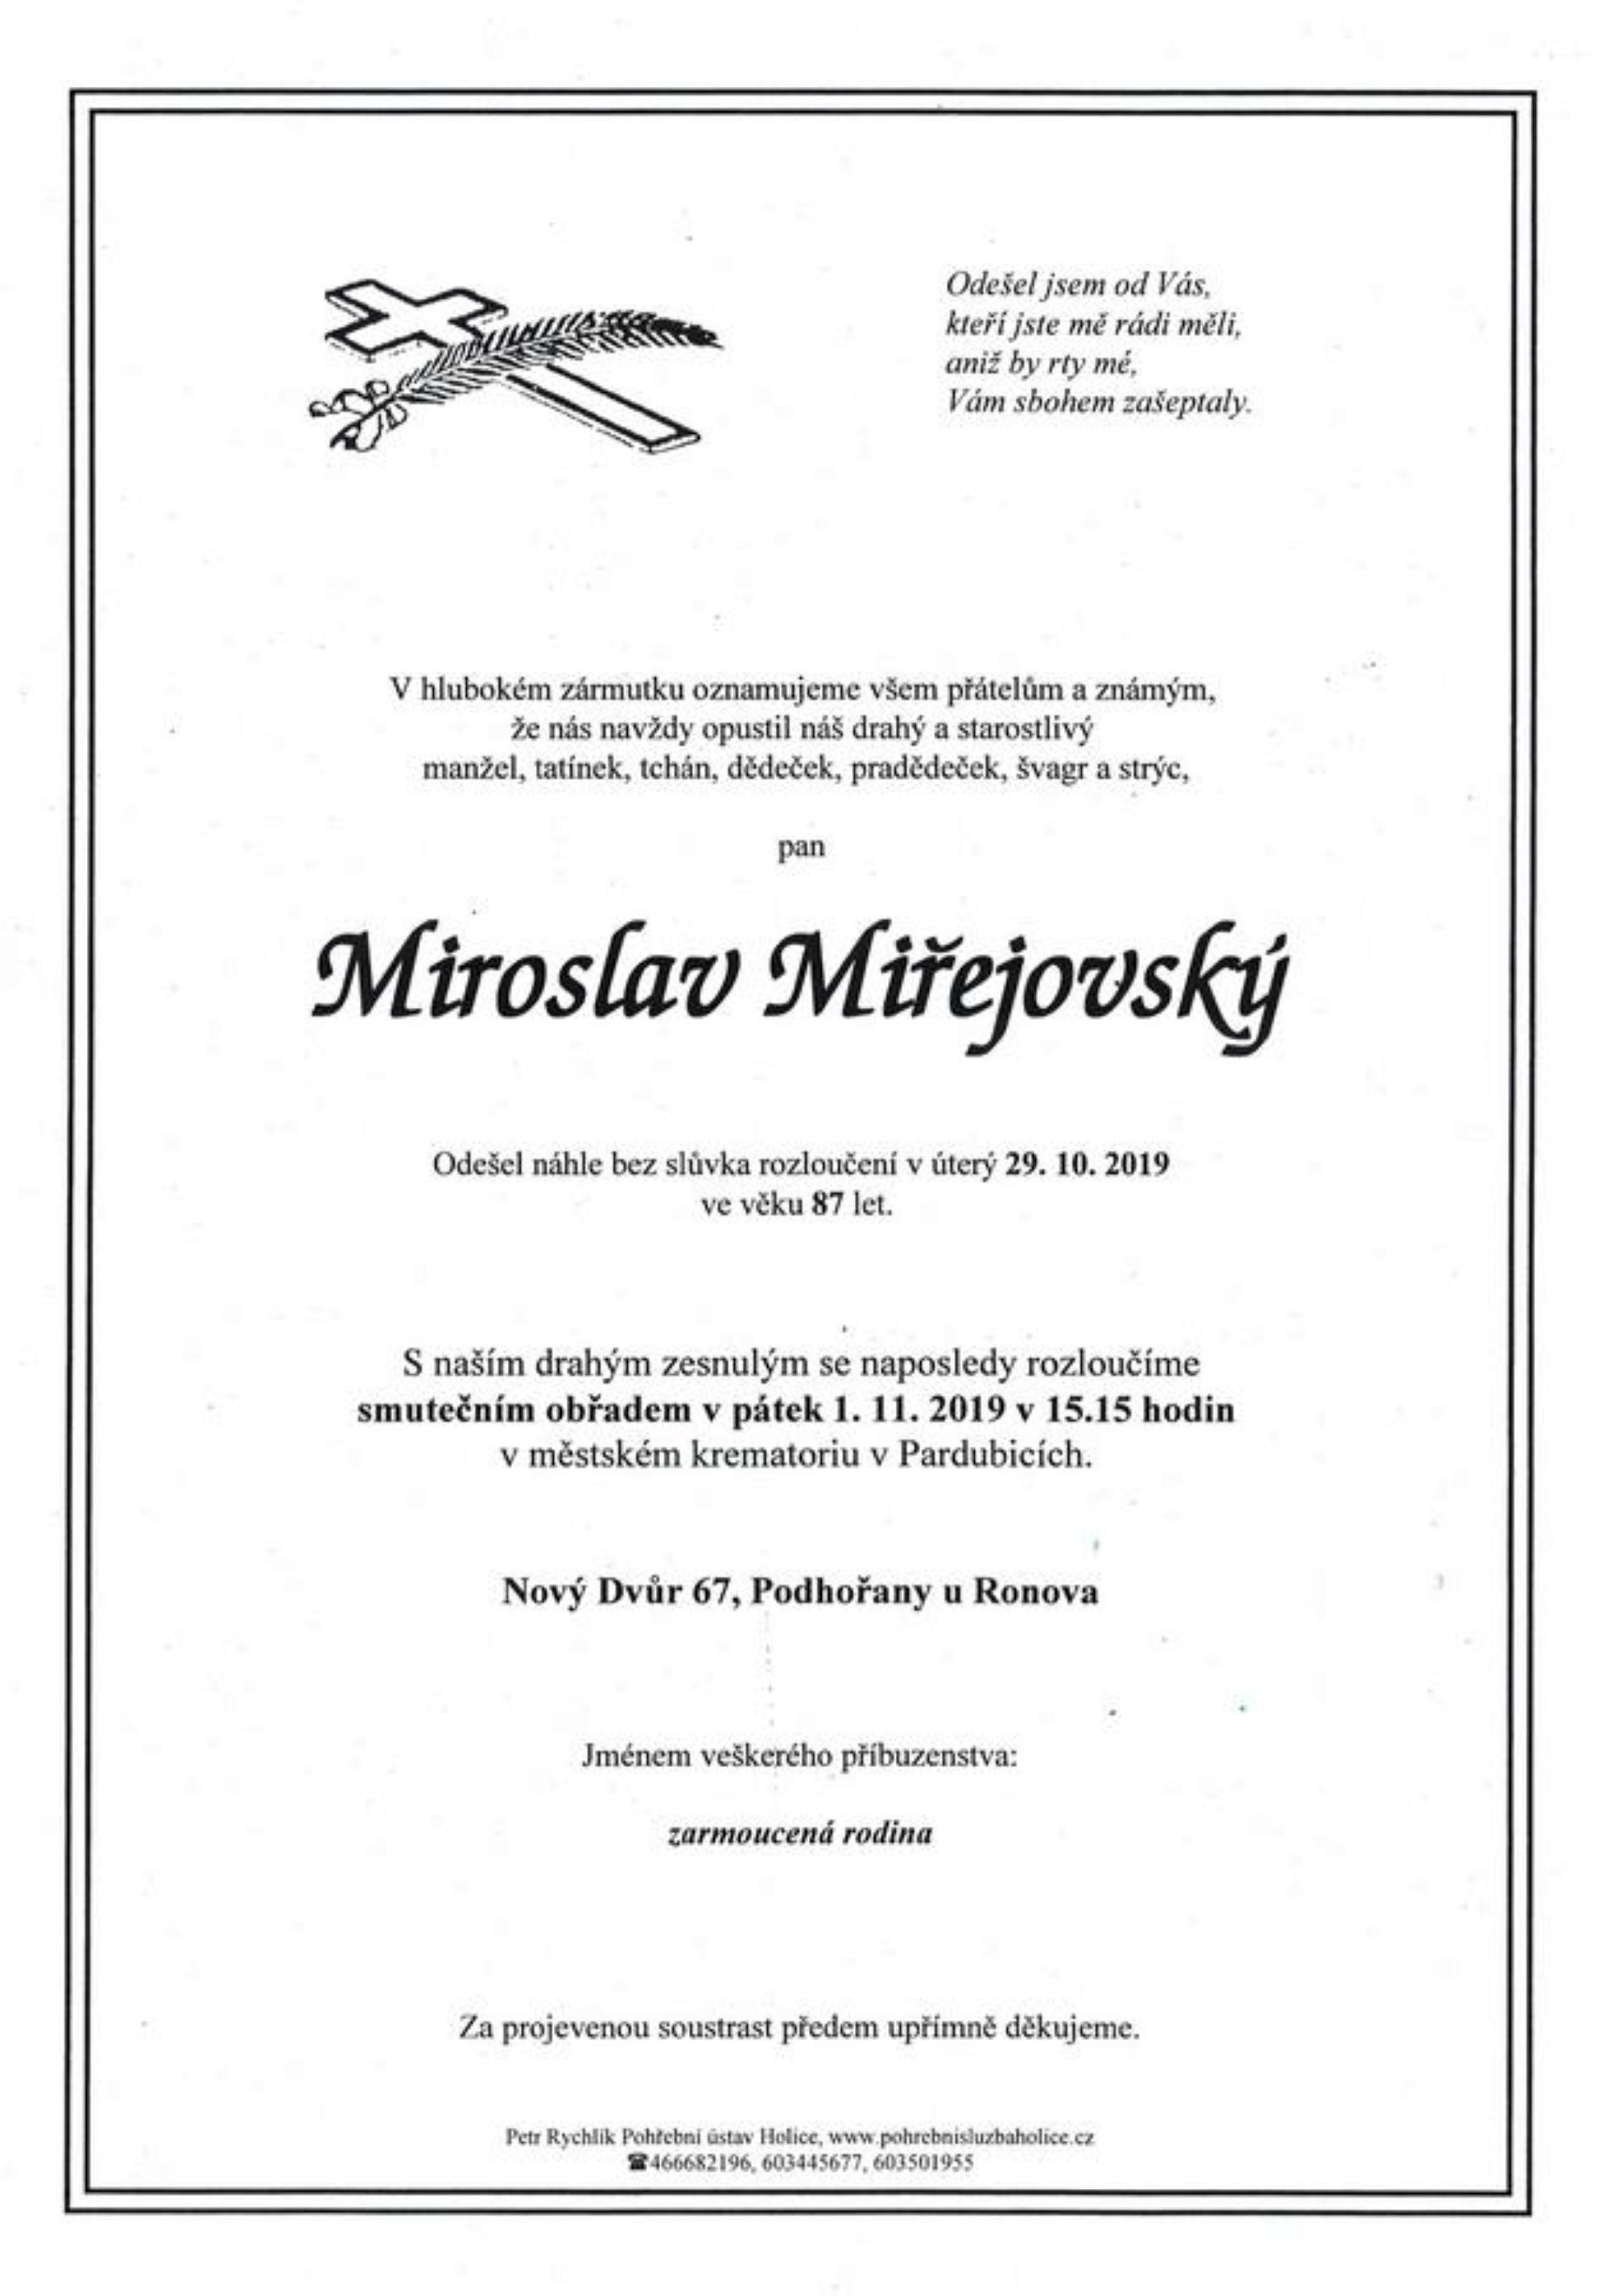 Miroslav Miřejovský